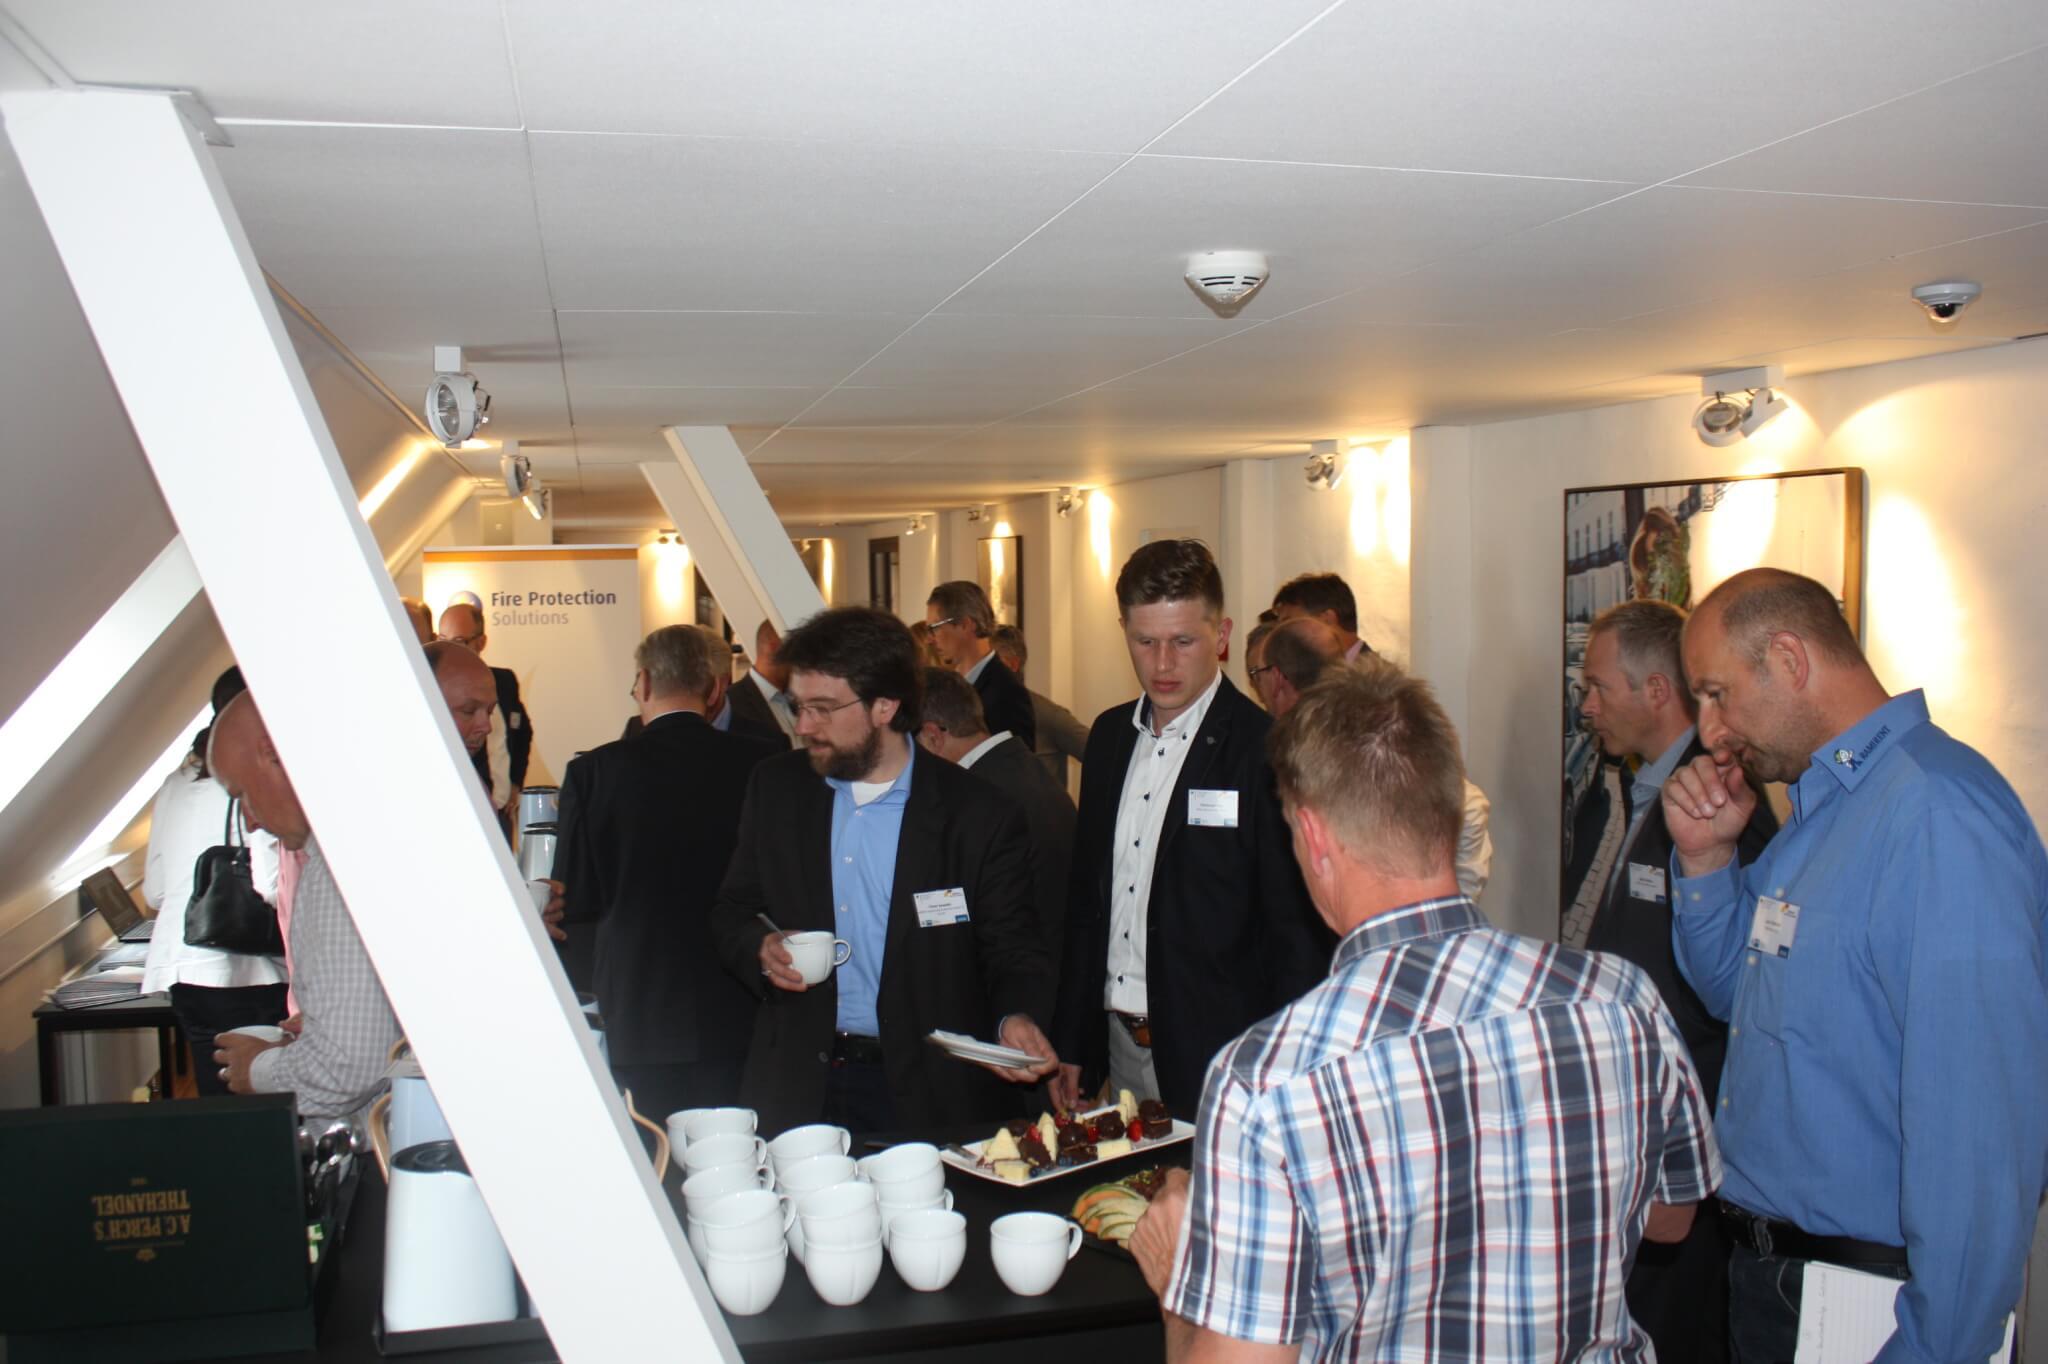 Nyt spændende samarbejde mellem tyske og danske virksomheder - Building Network